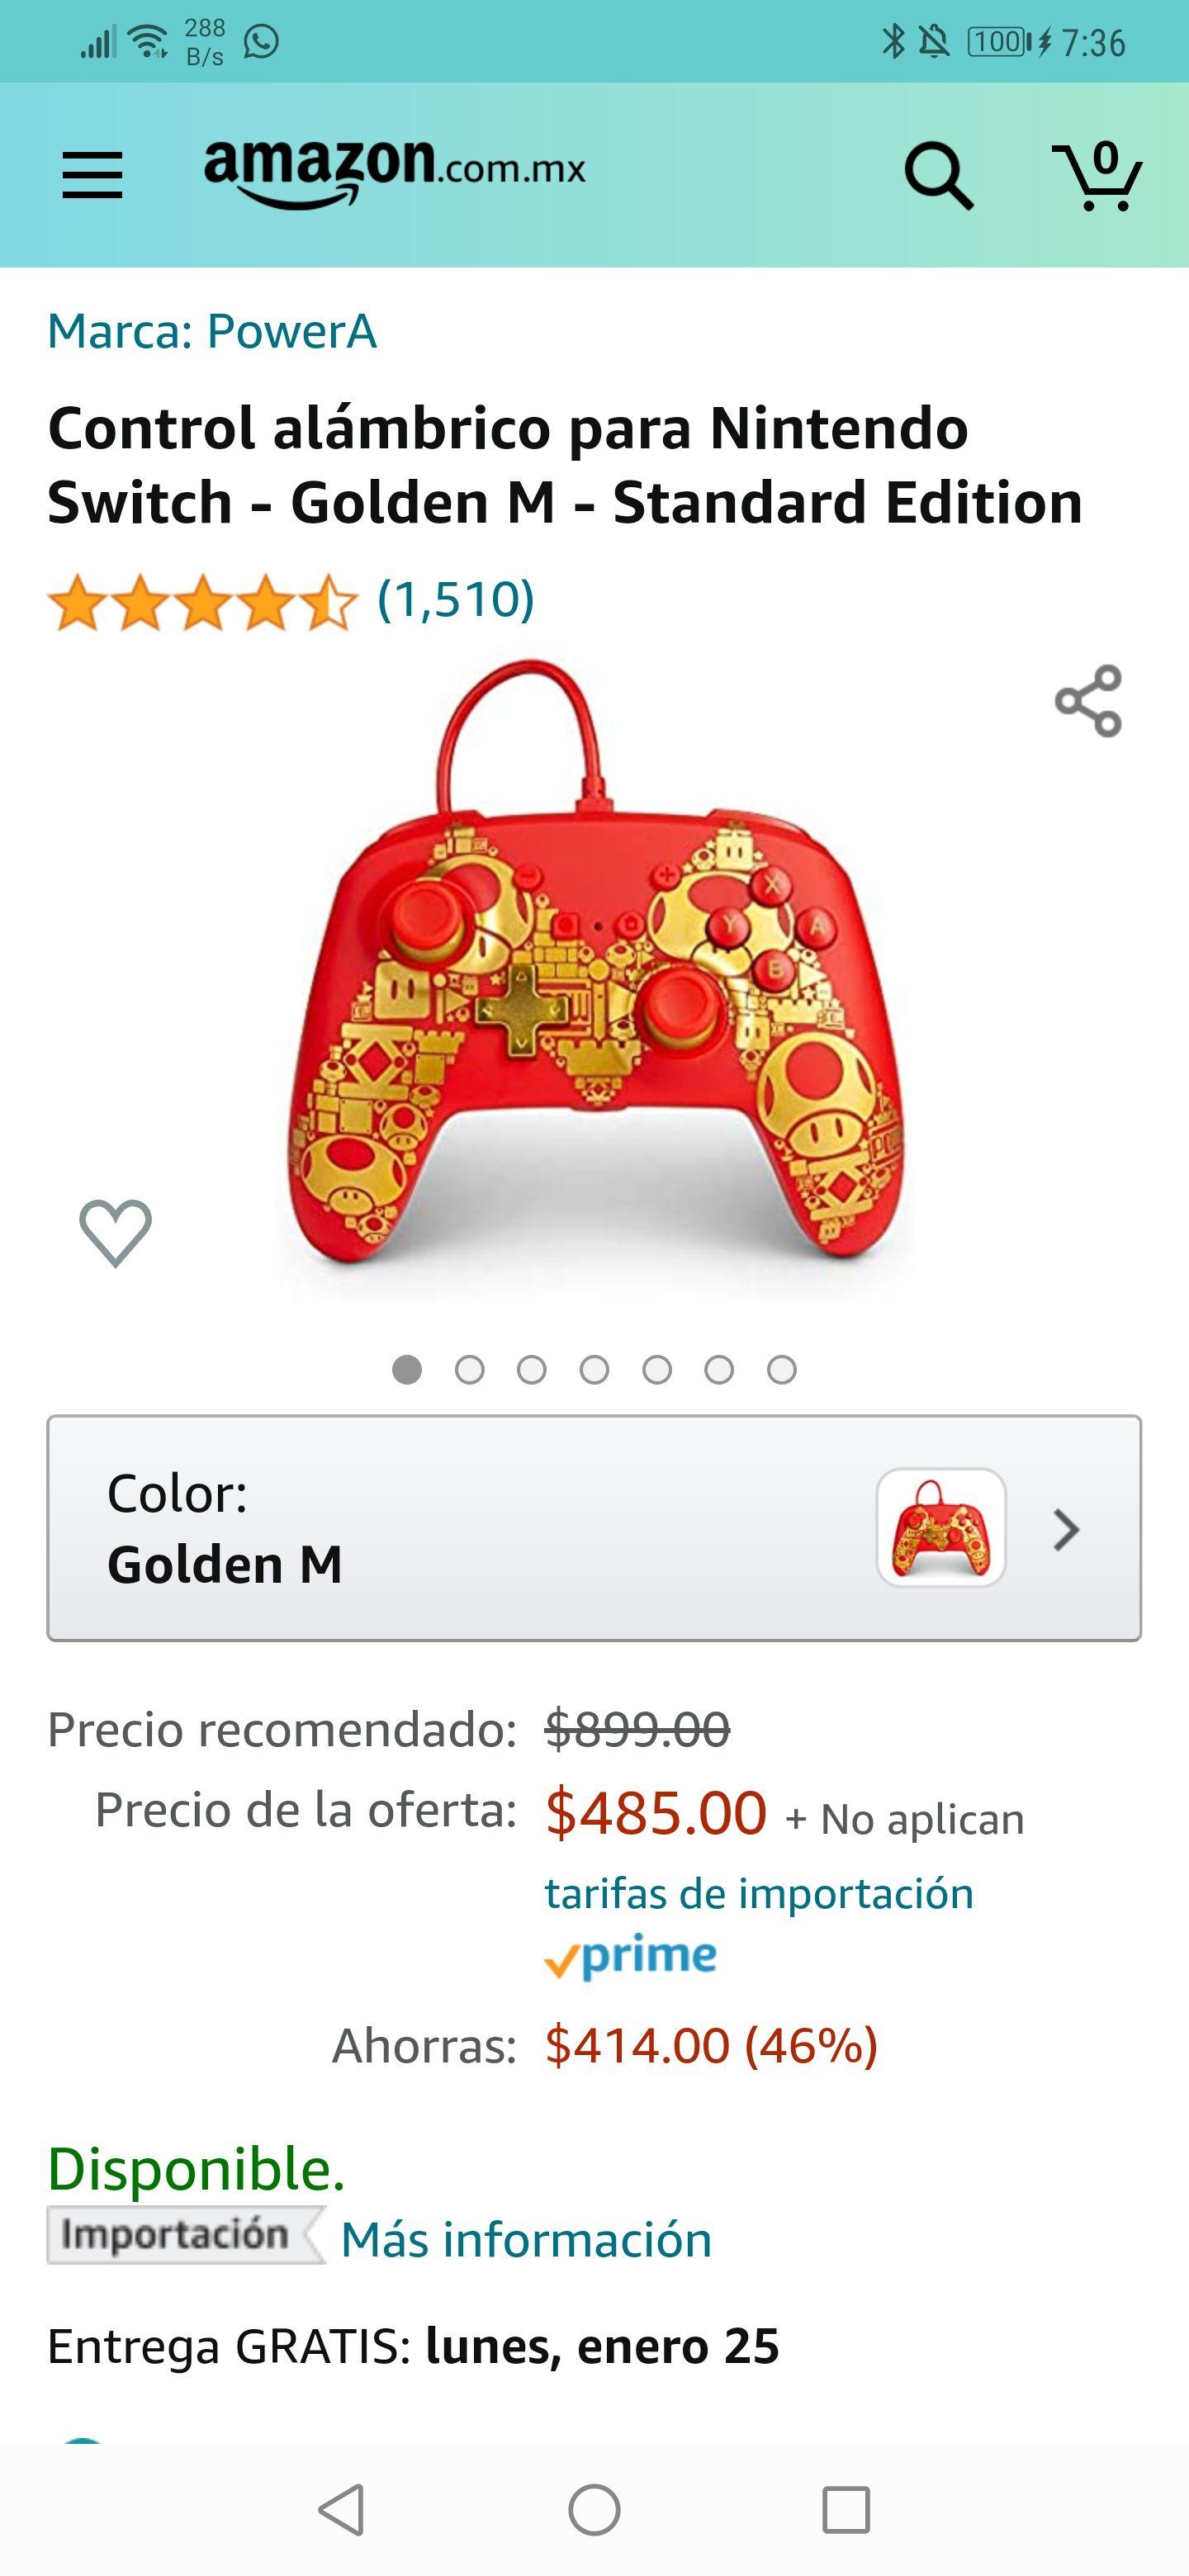 Amazon : Control alámbrico para Nintendo Switch - Golden M - Standard Edition precio más bajo según Keepa